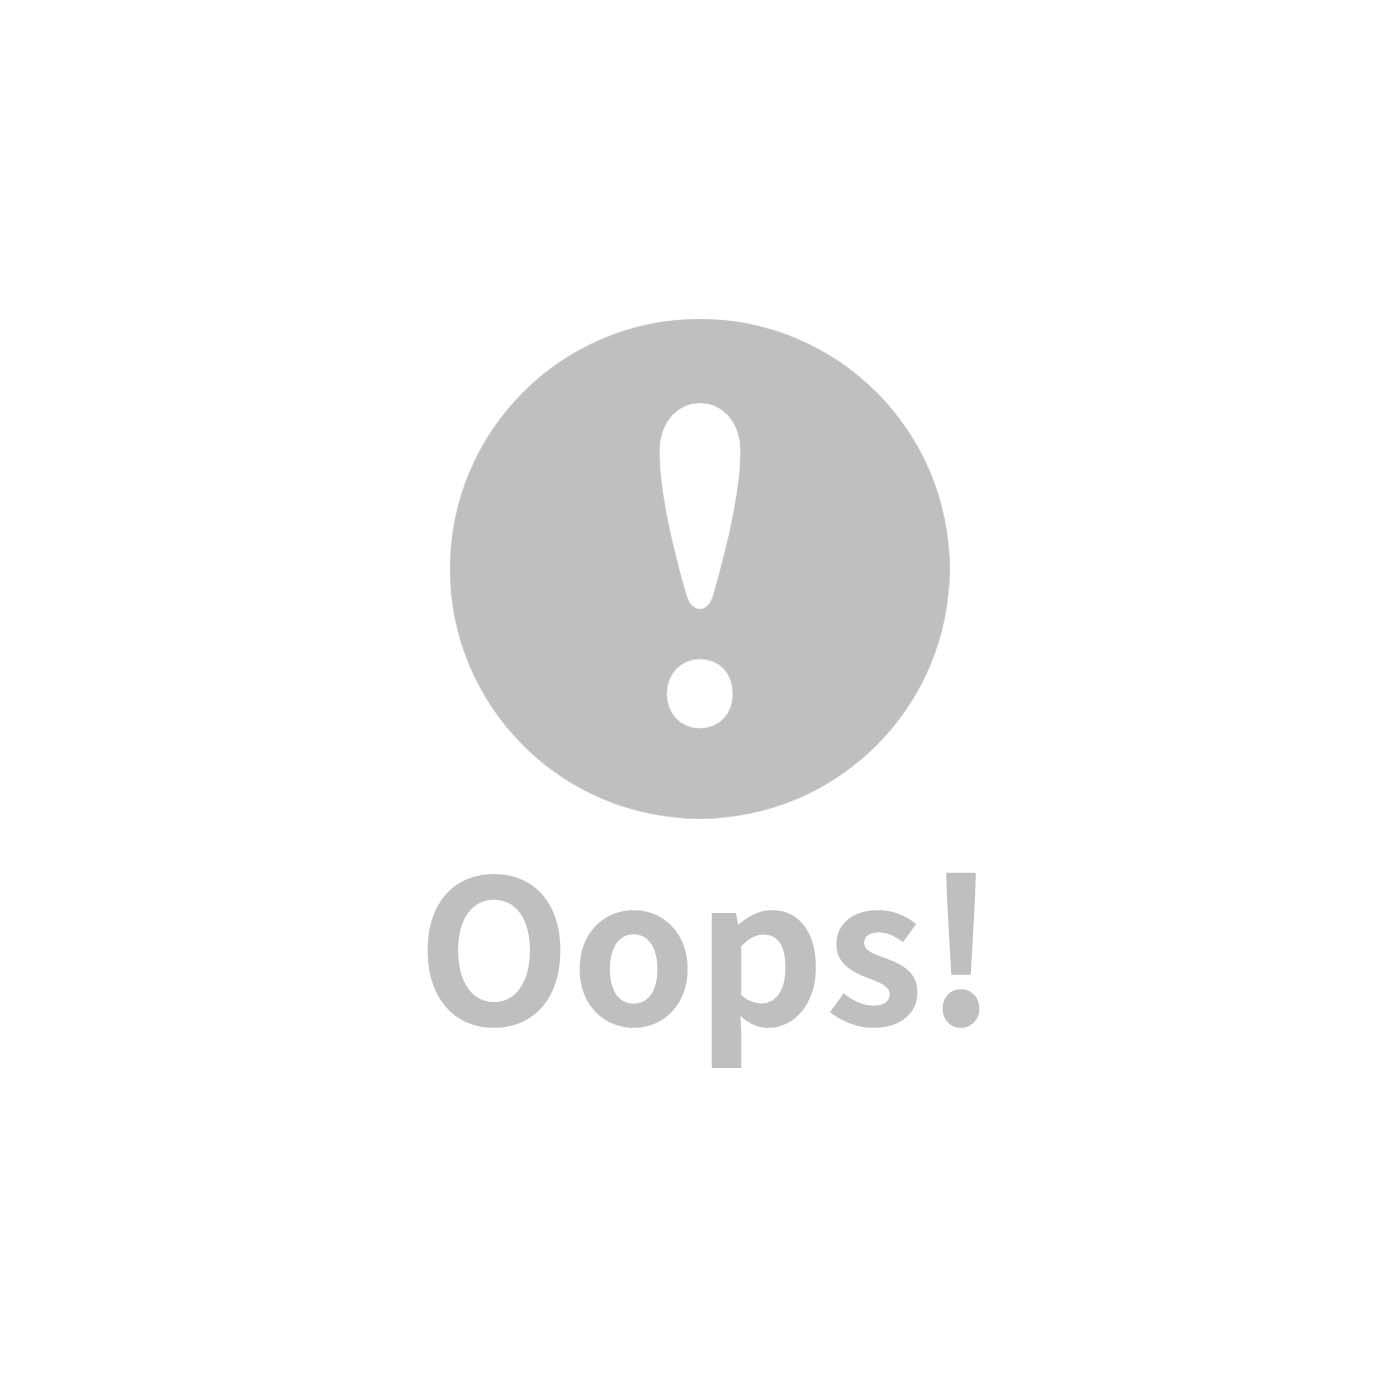 【此商品為預購品,於4/10起出貨】Milo & Gabby 動物好朋友-長條抱枕心枕套組(Lucy松鼠)